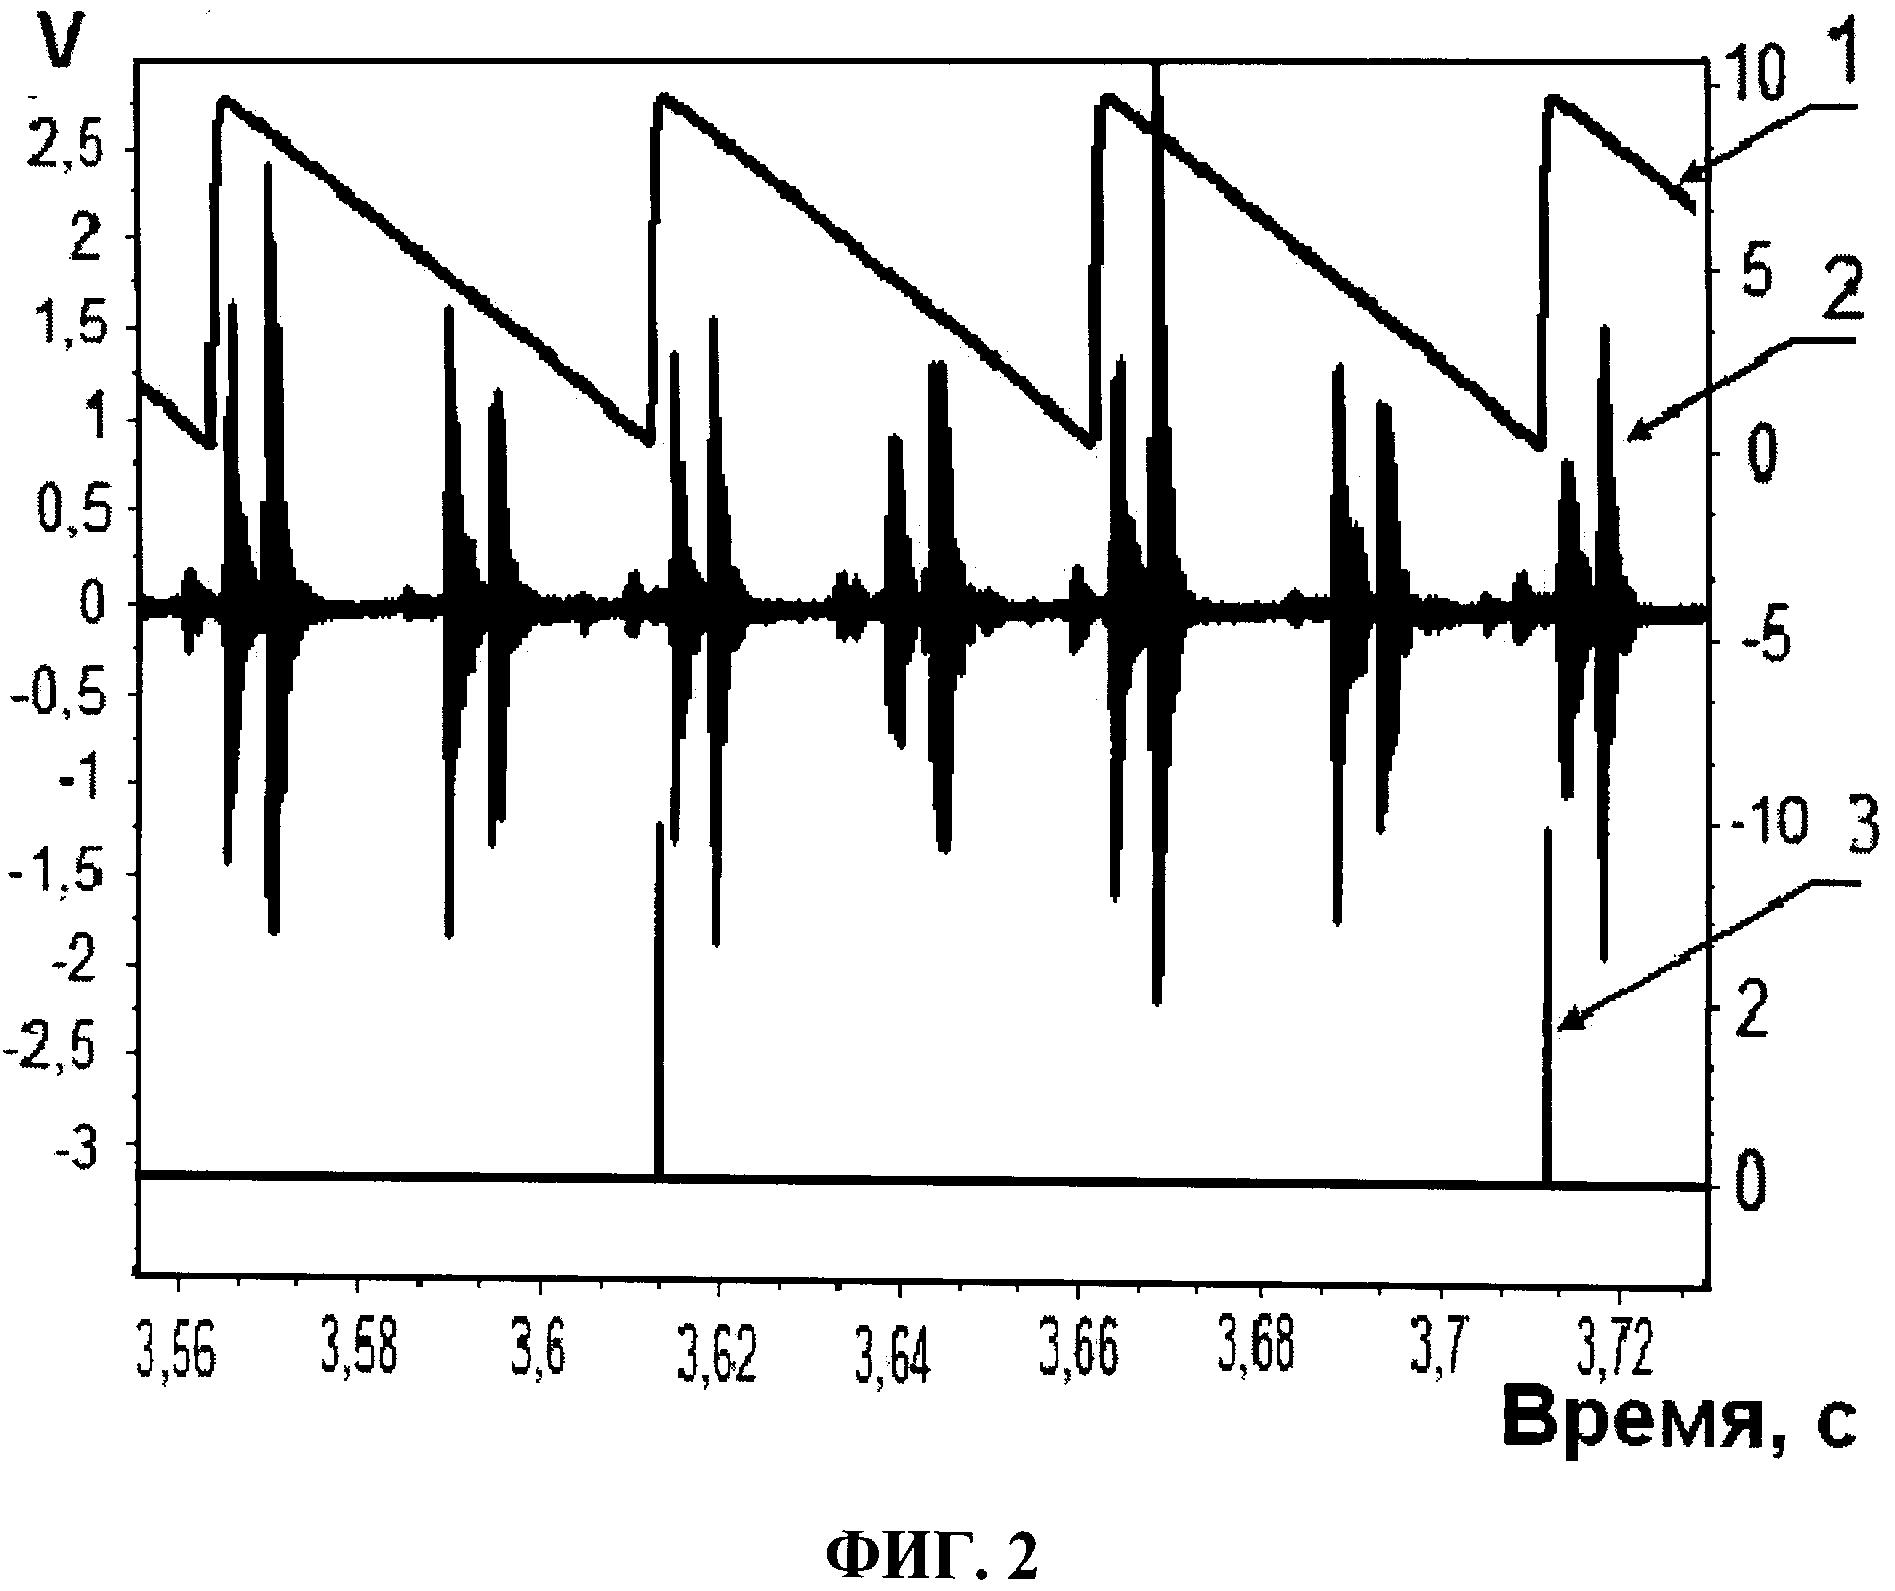 Способ предварительной обработки сигналов датчика вибрации для диагностики двигателя